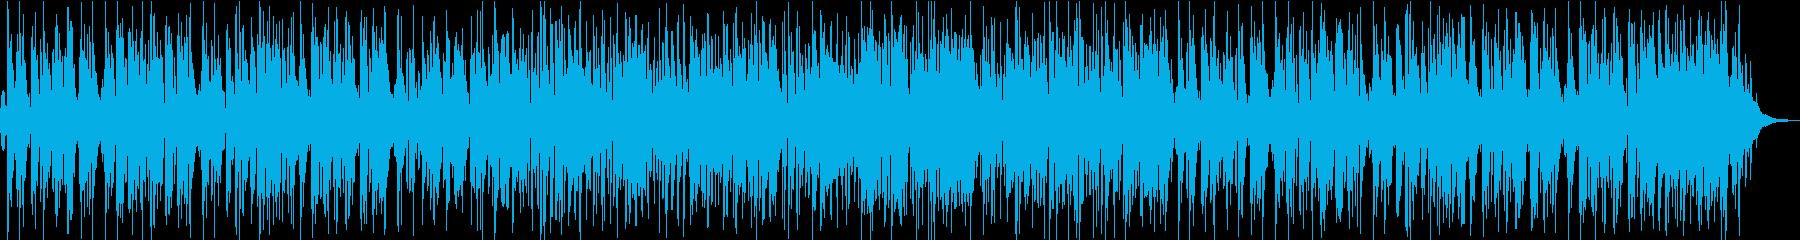 おしゃれで軽快なアップテンポピアノトリオの再生済みの波形